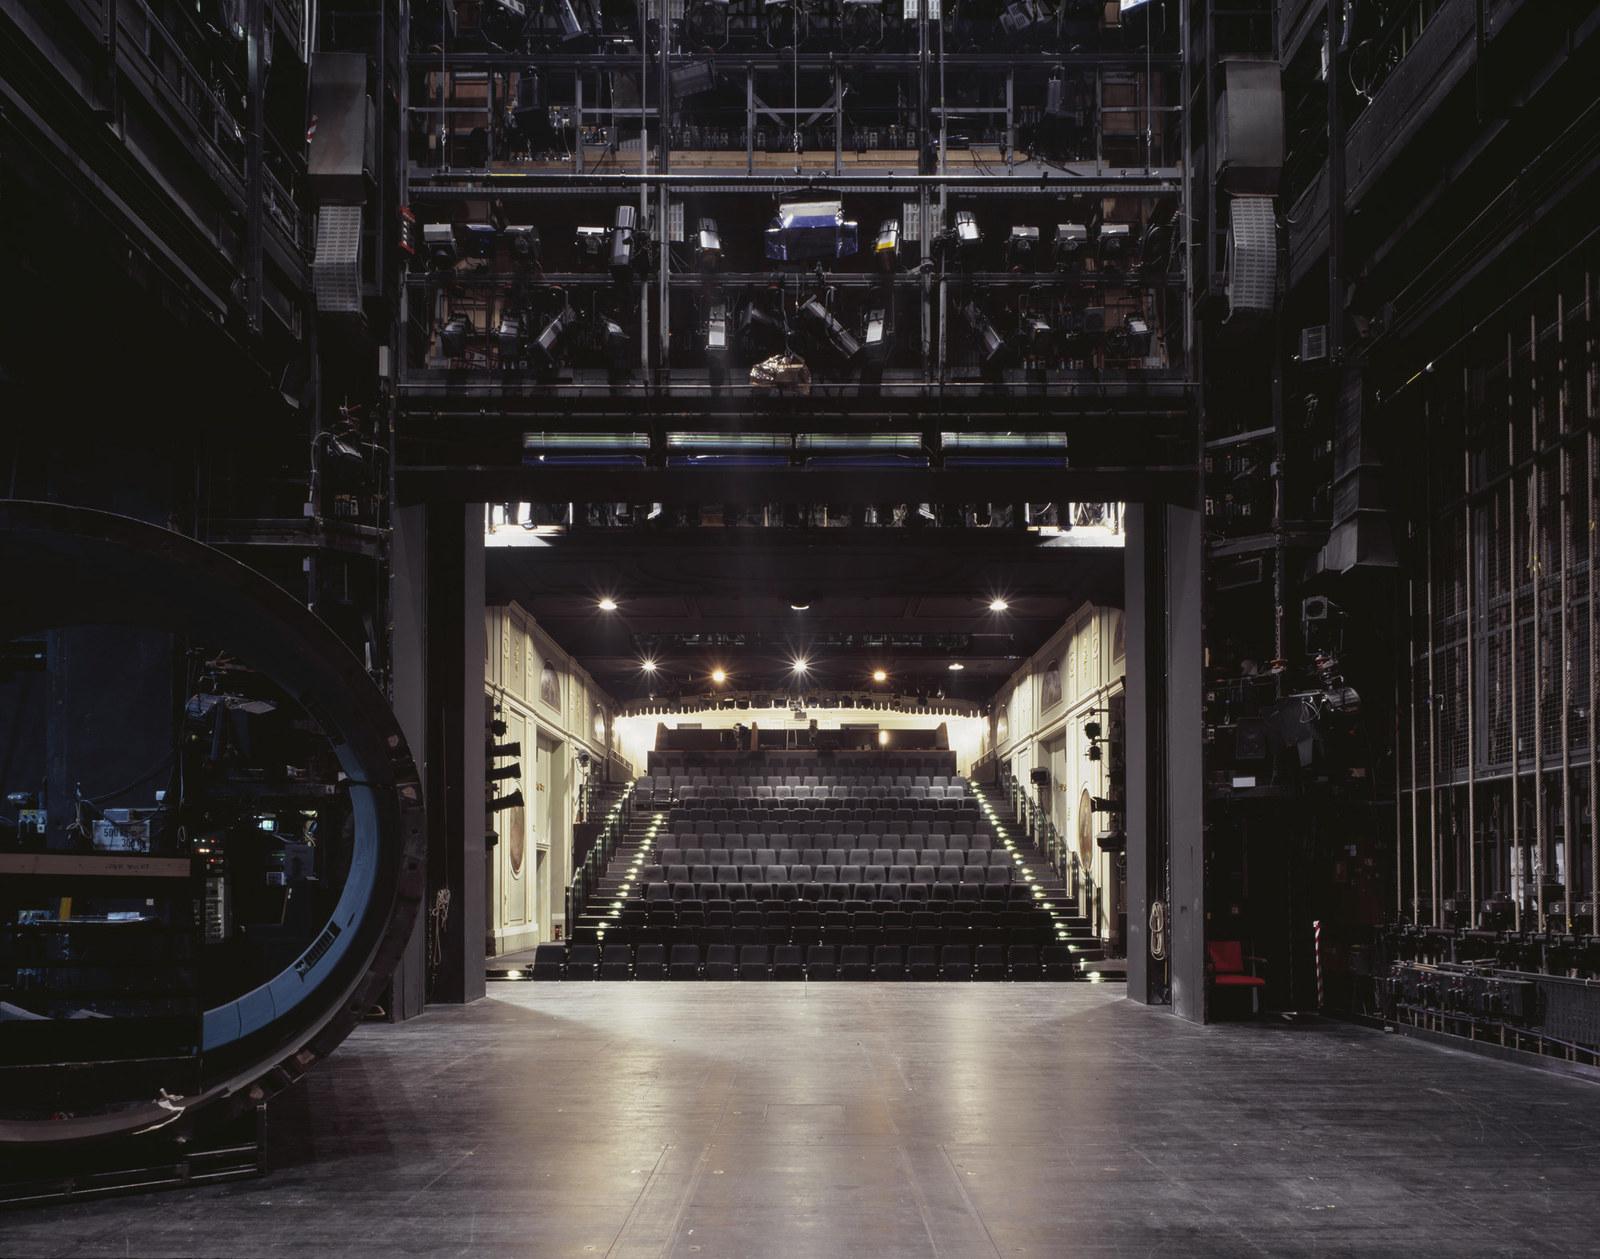 Немецкий театр и каммершпиле (Deutsches Theatre und Kammerspiele), Берлин